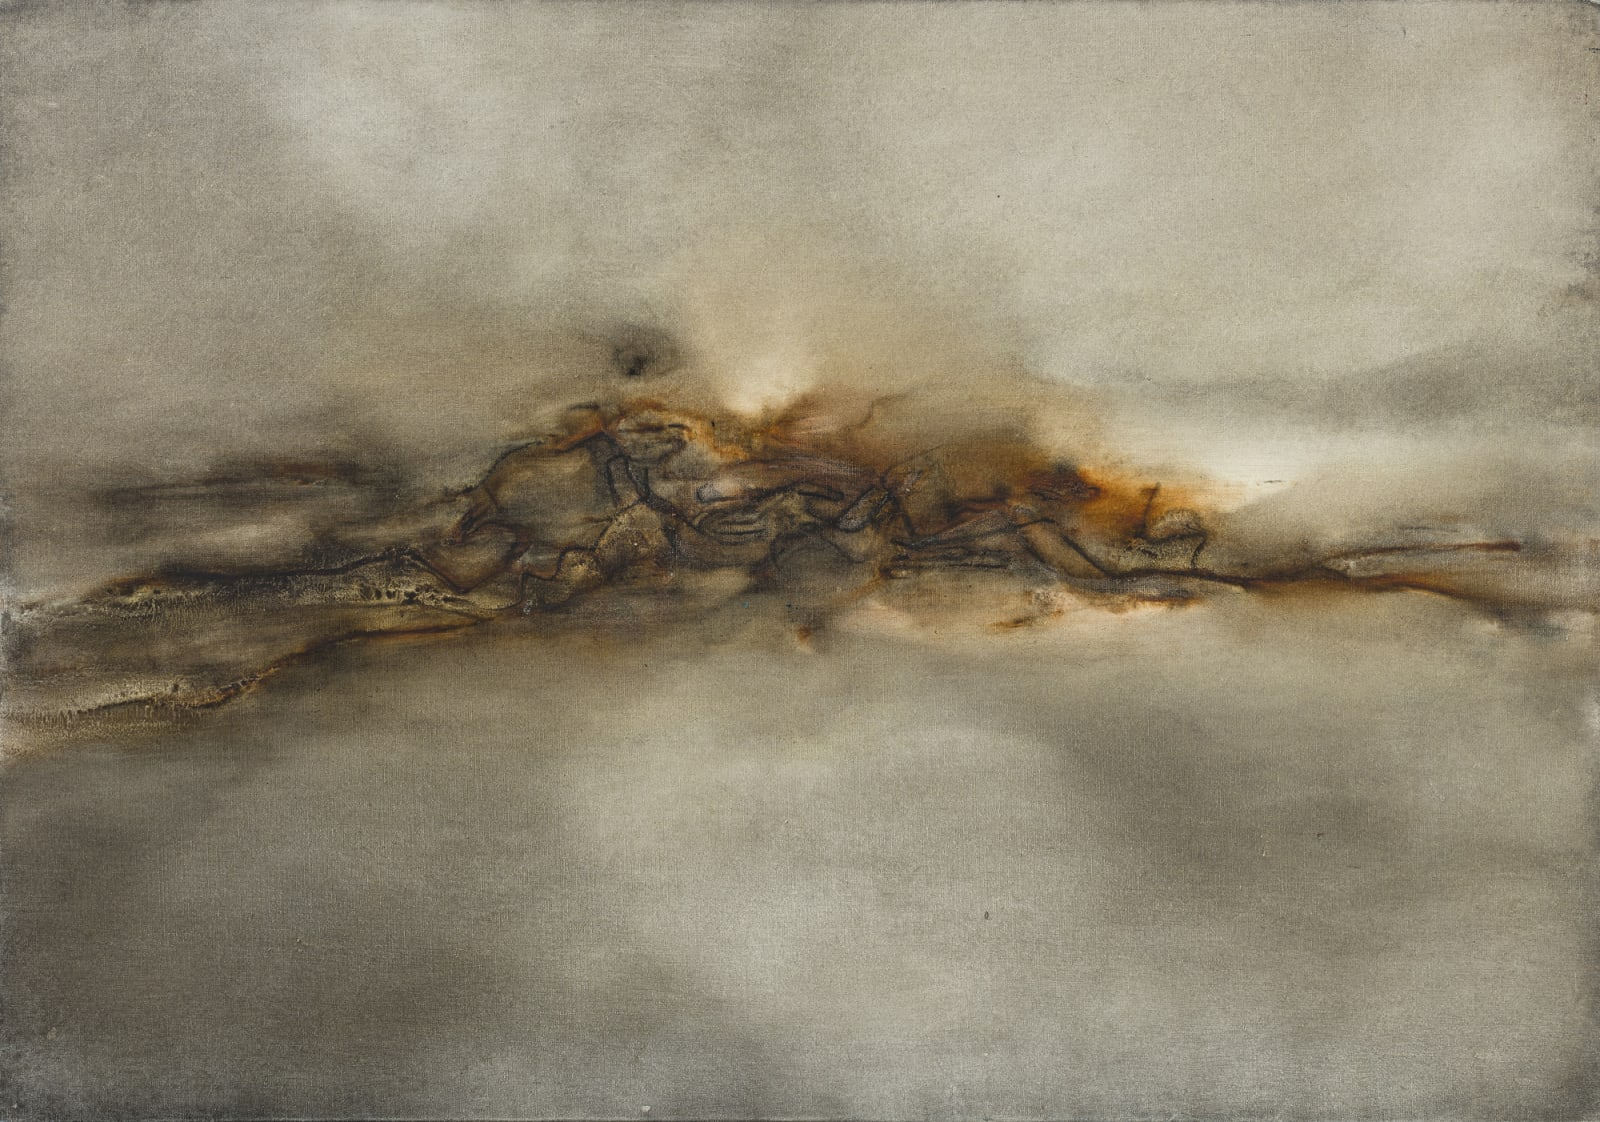 Lalan 謝景蘭, Untitled《無題》, 1972